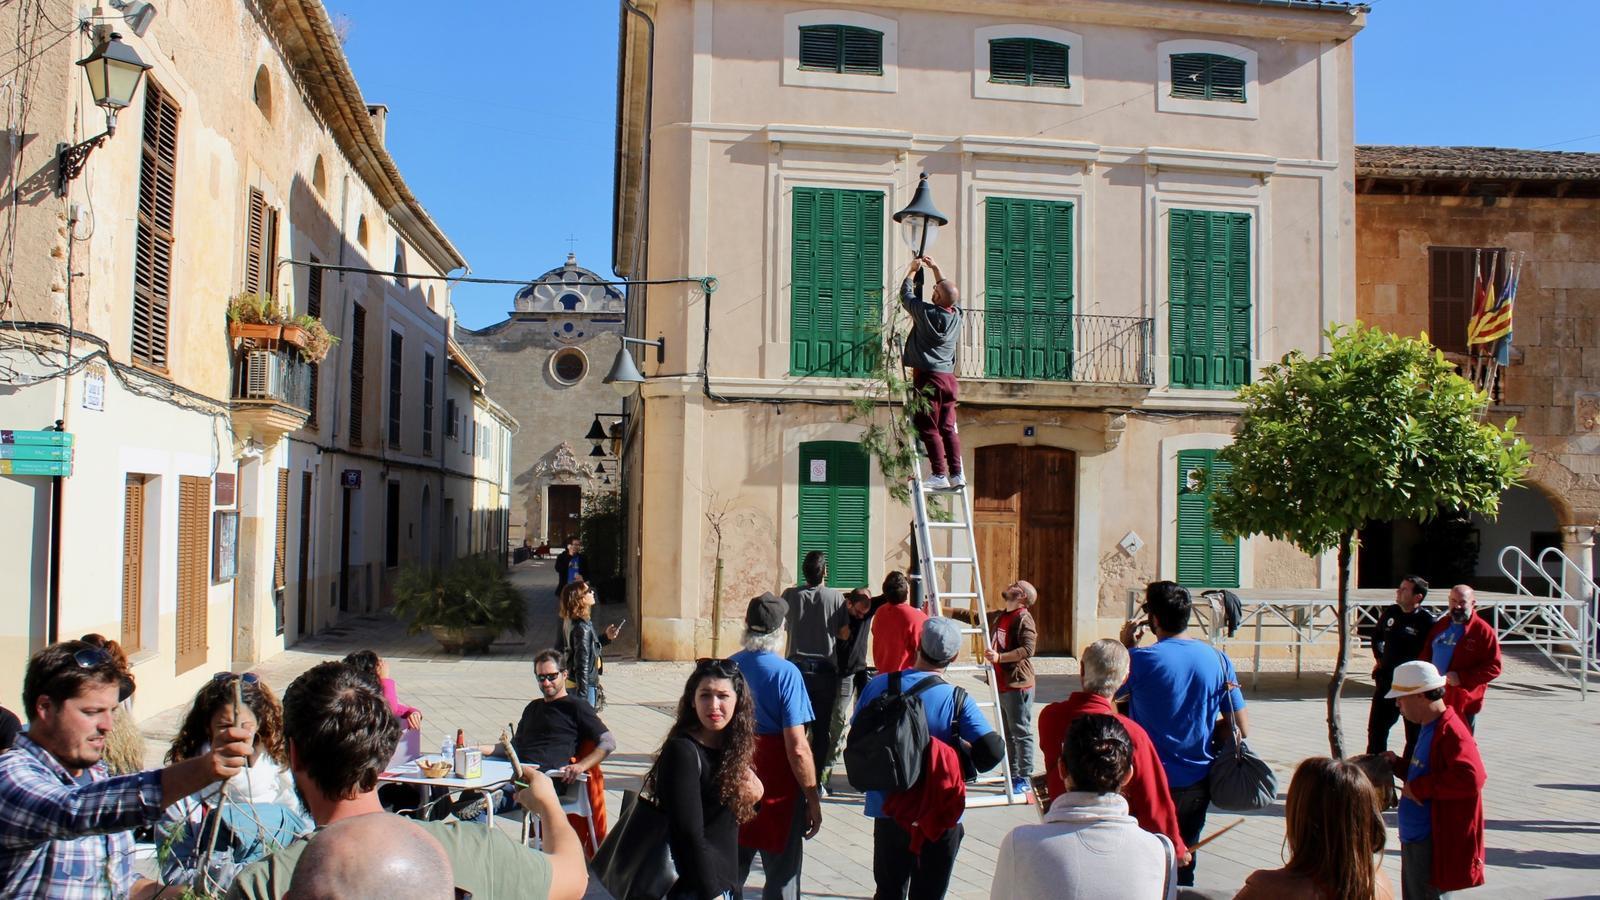 Diversos veïnats penjant brots de pi als carrers del poble per anunciar la festa.